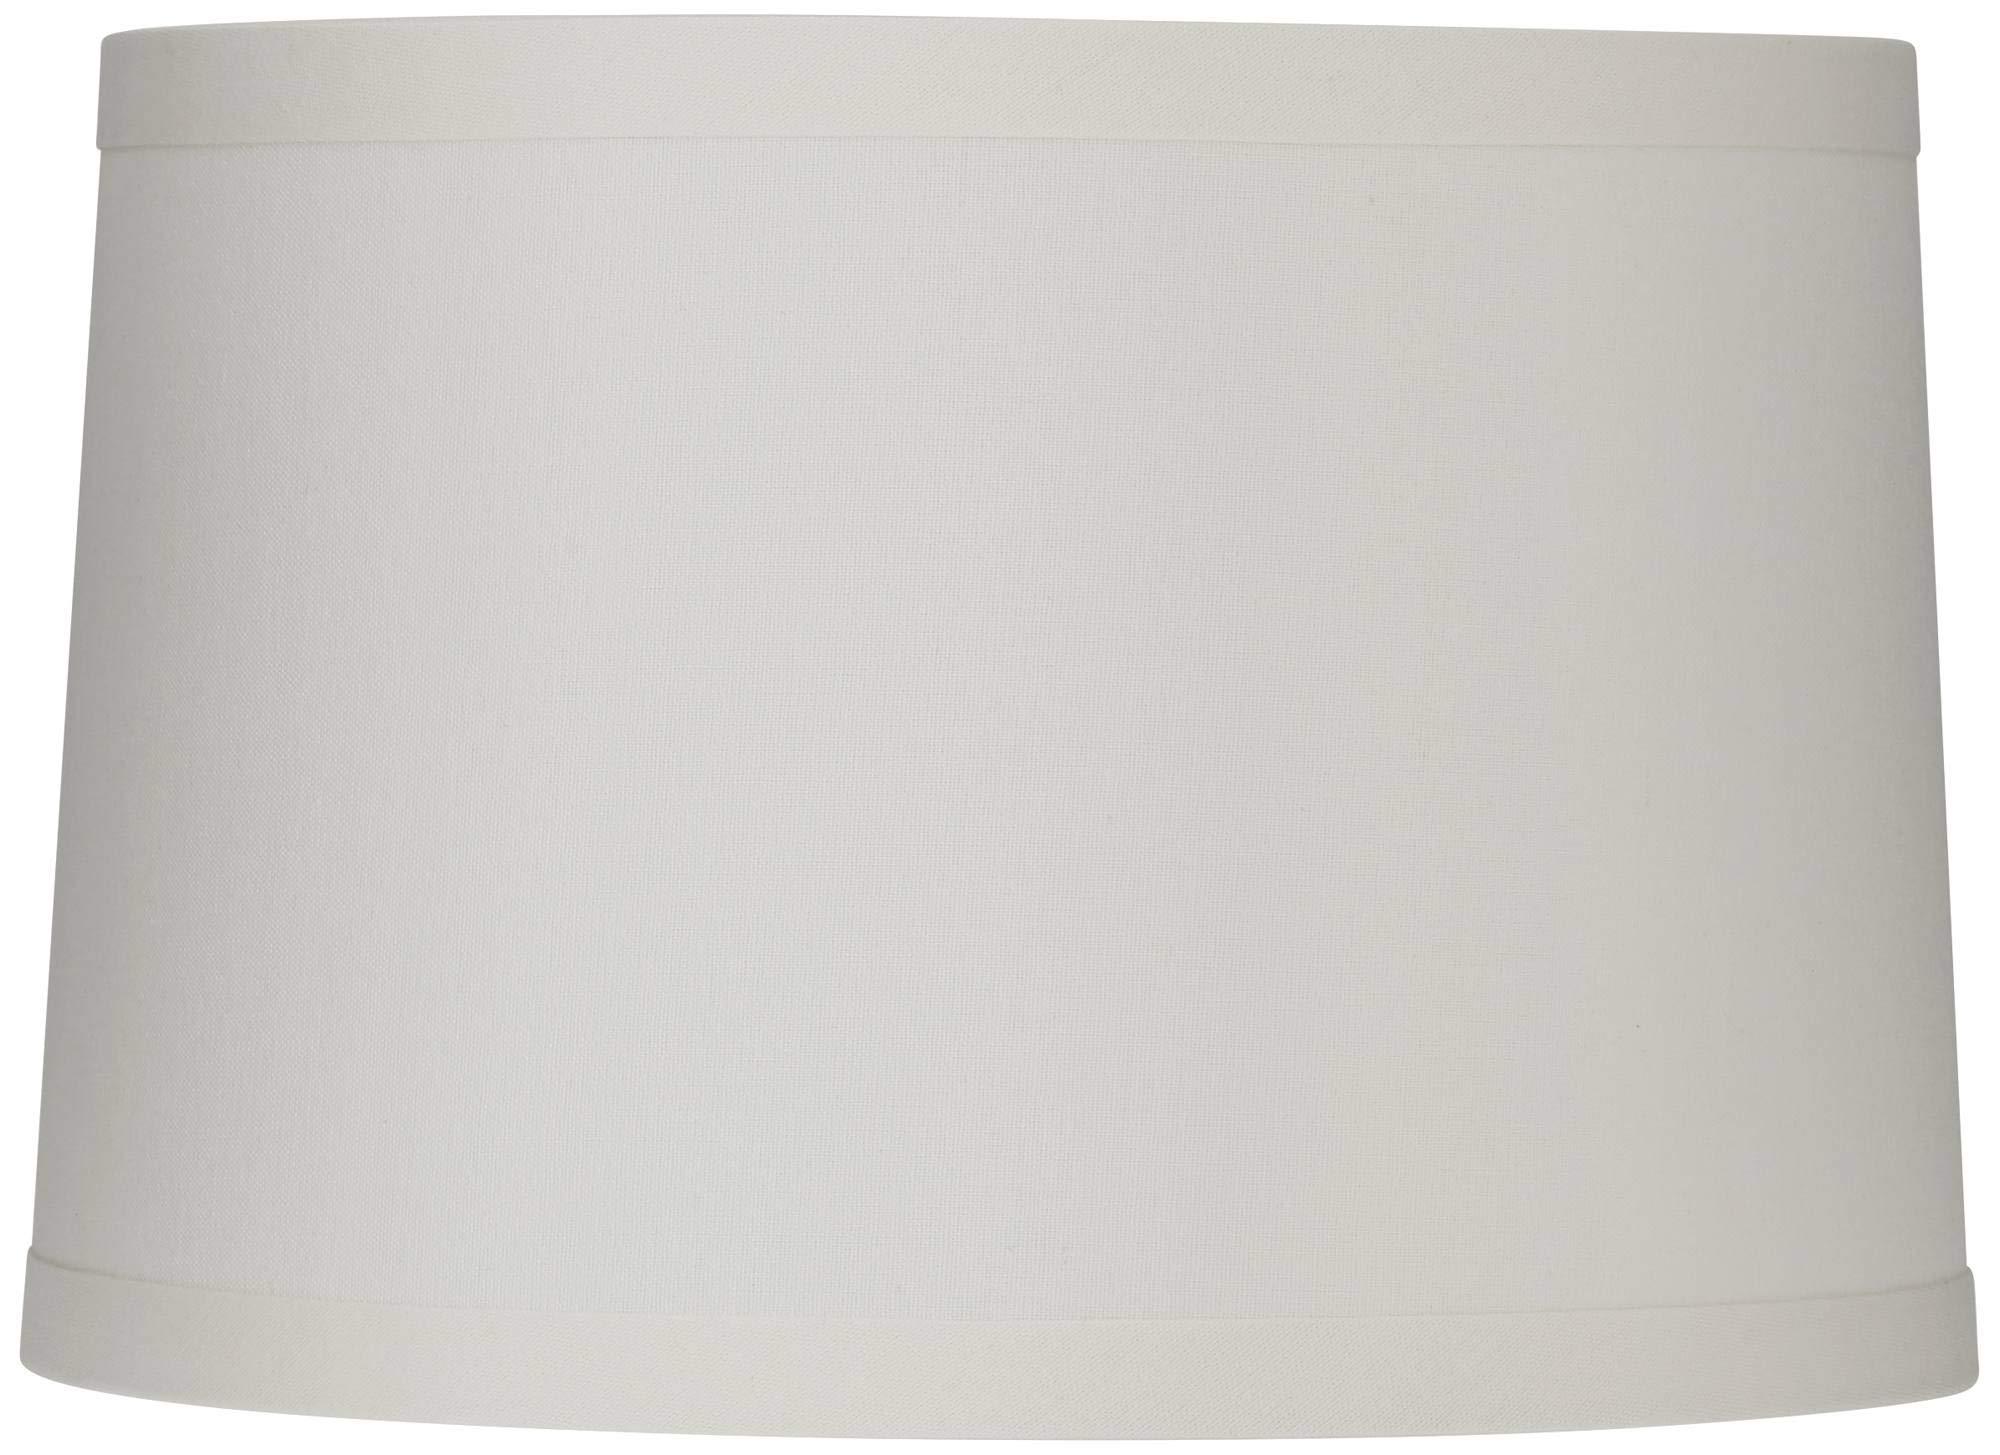 White Linen Drum Lamp Shade 15X16X11 (Spider) - Springcrest